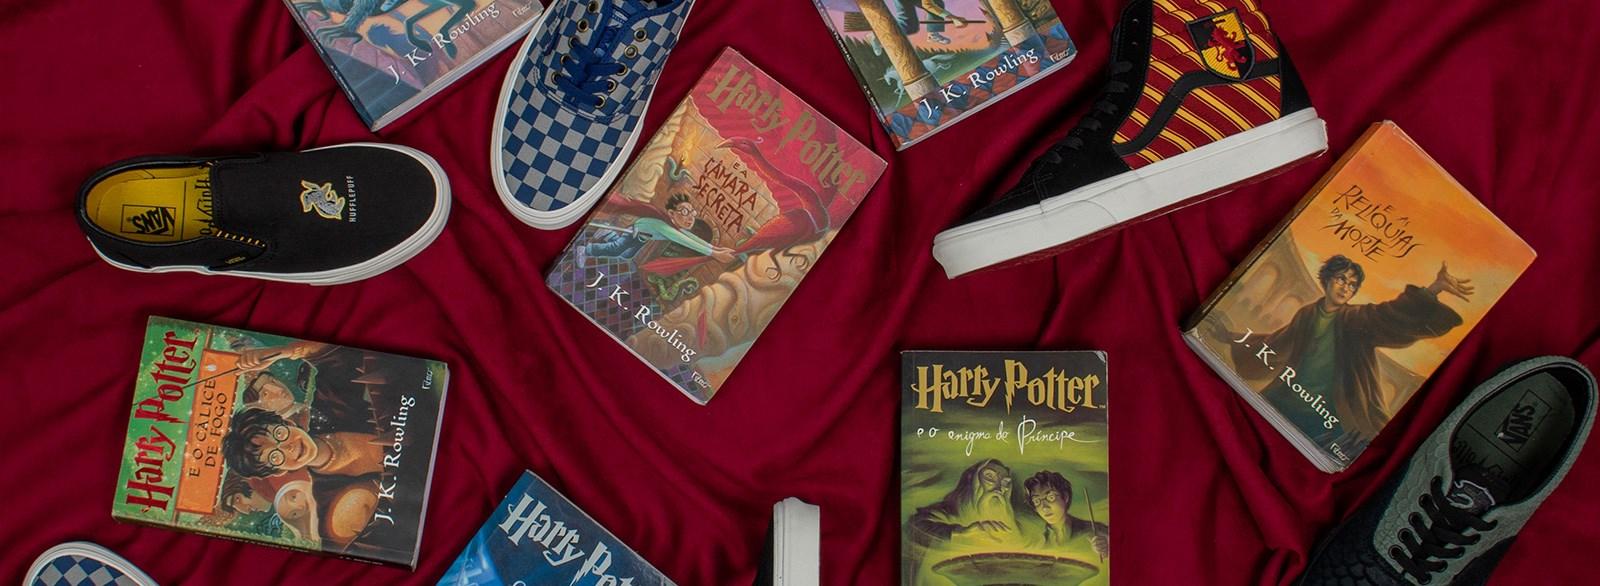 Blog LV41 Coleção Vans x Harry Potter